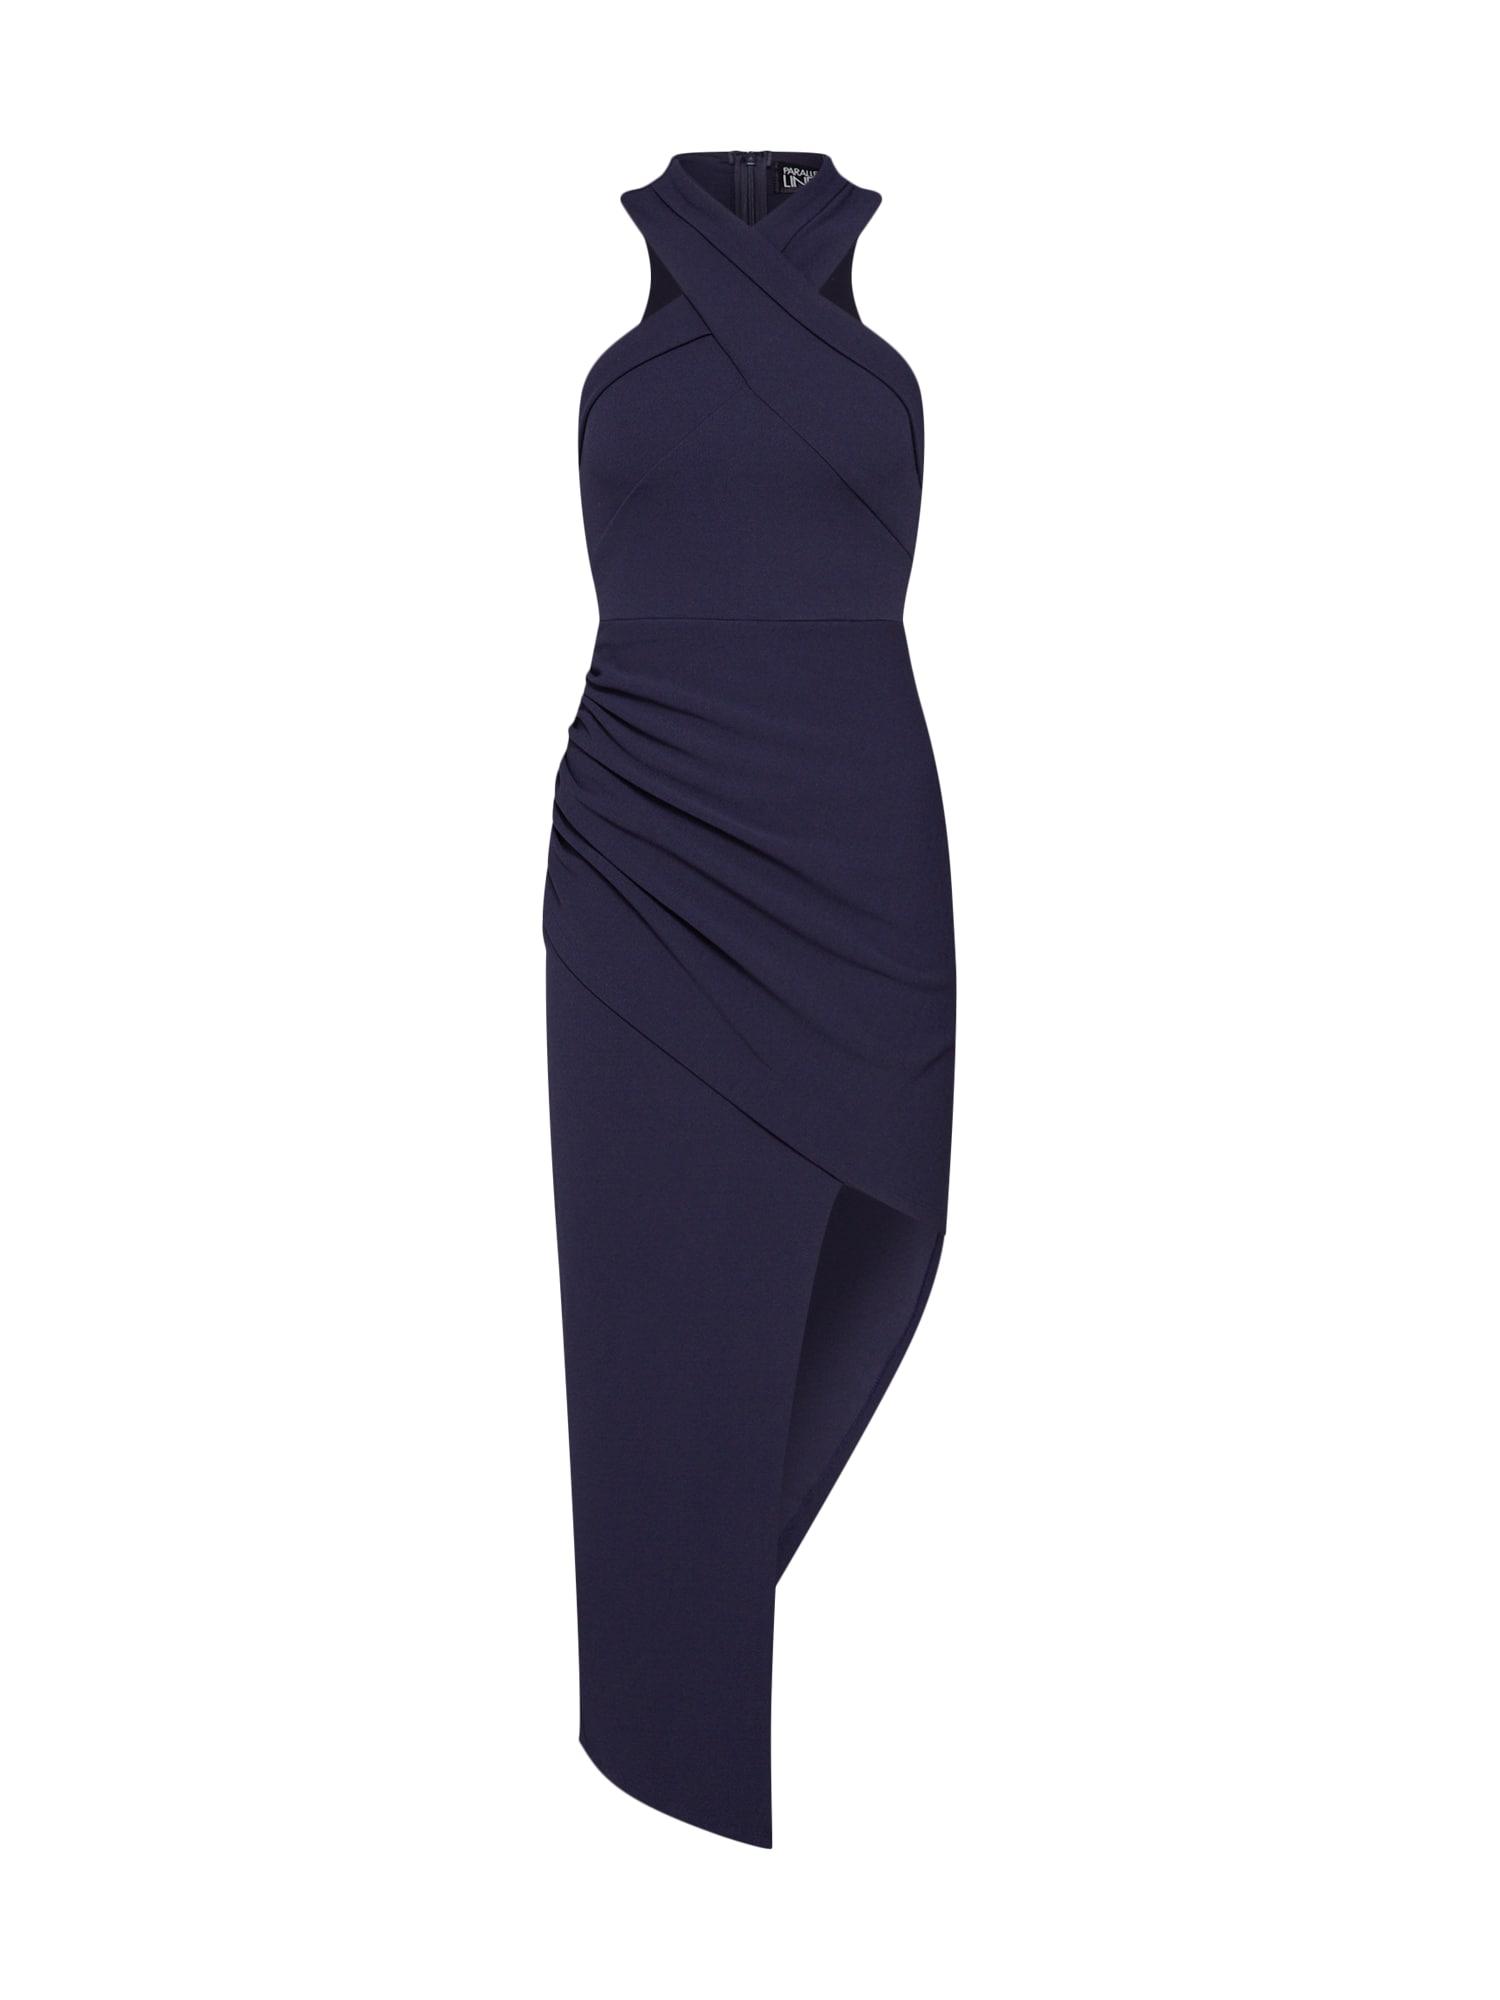 Pouzdrové šaty Silhouette námořnická modř Parallel Lines